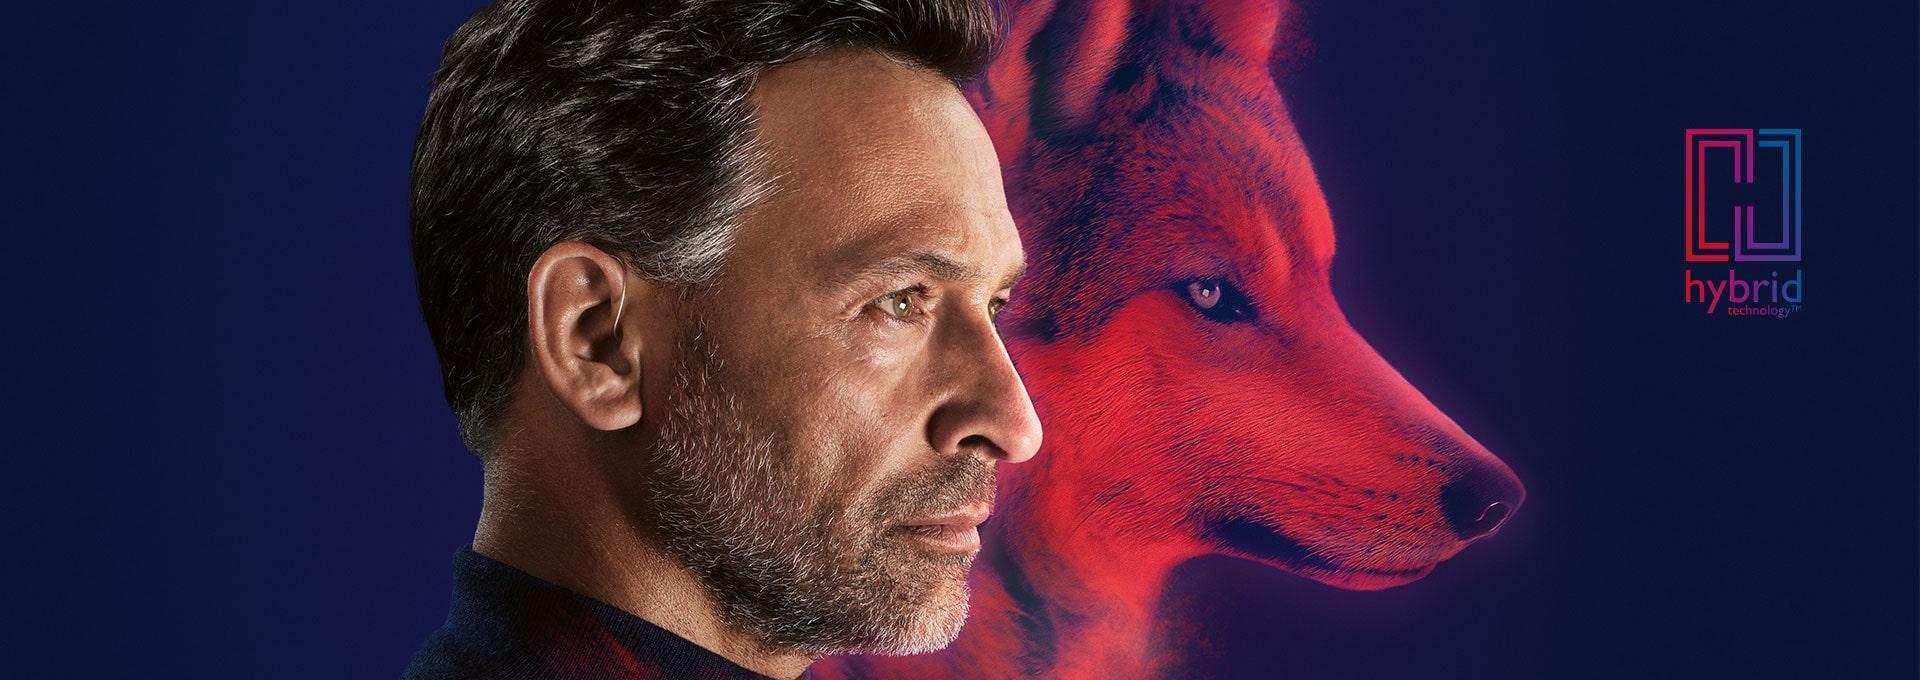 Man met sterk zijprofiel die Bernafon Alpha oplaadbare hoortoestellen draagt met op de achtergrond een wolf en hybride technologie-logo